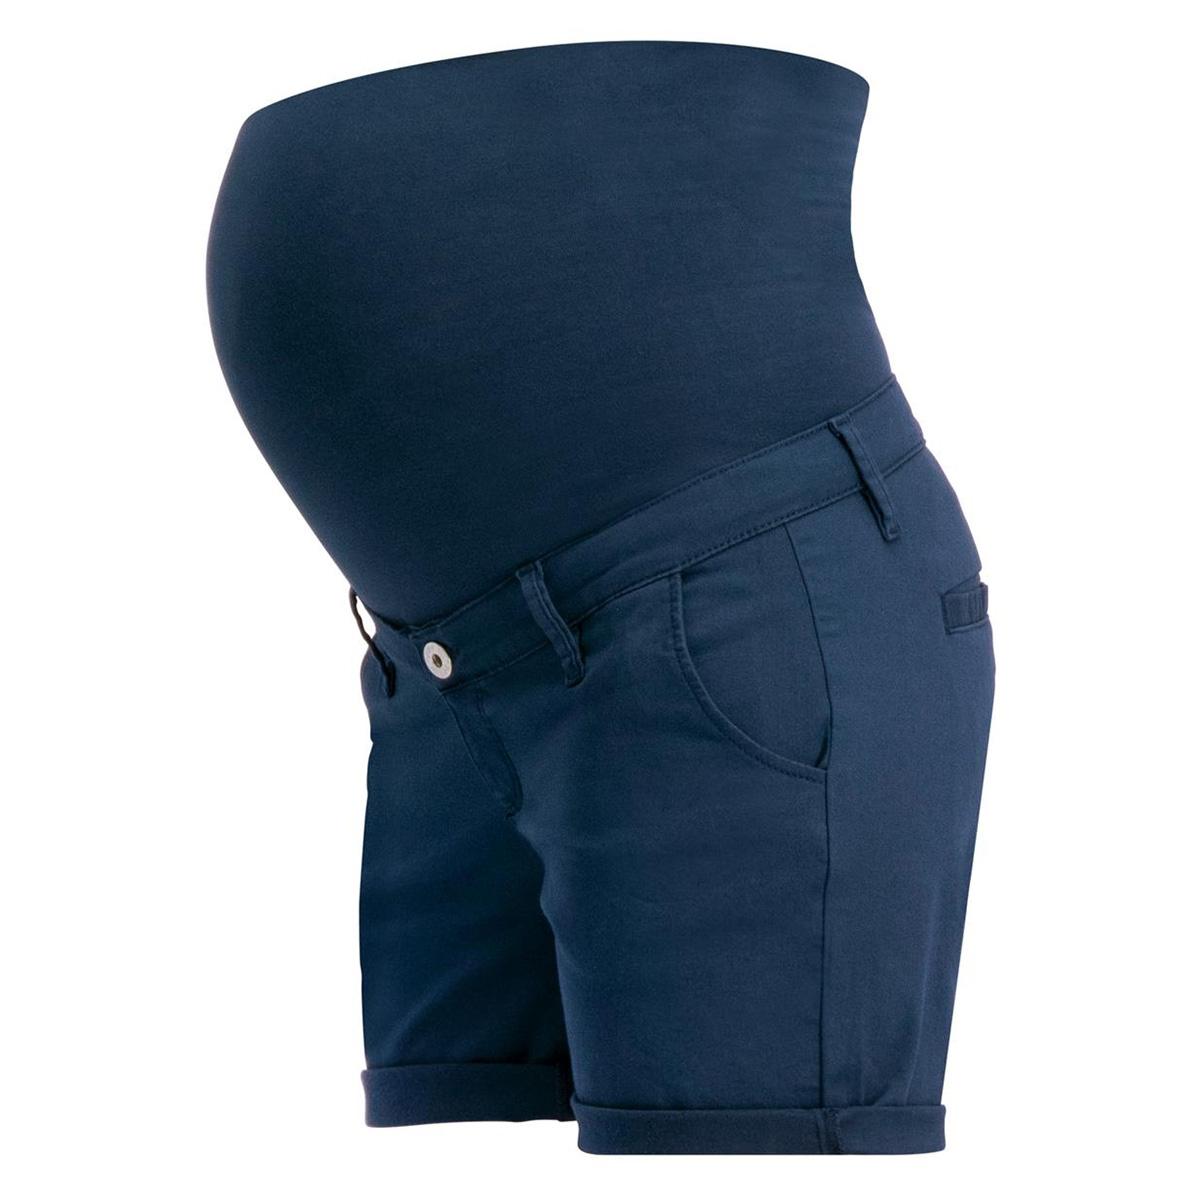 90205 noppies positie broek dress blues